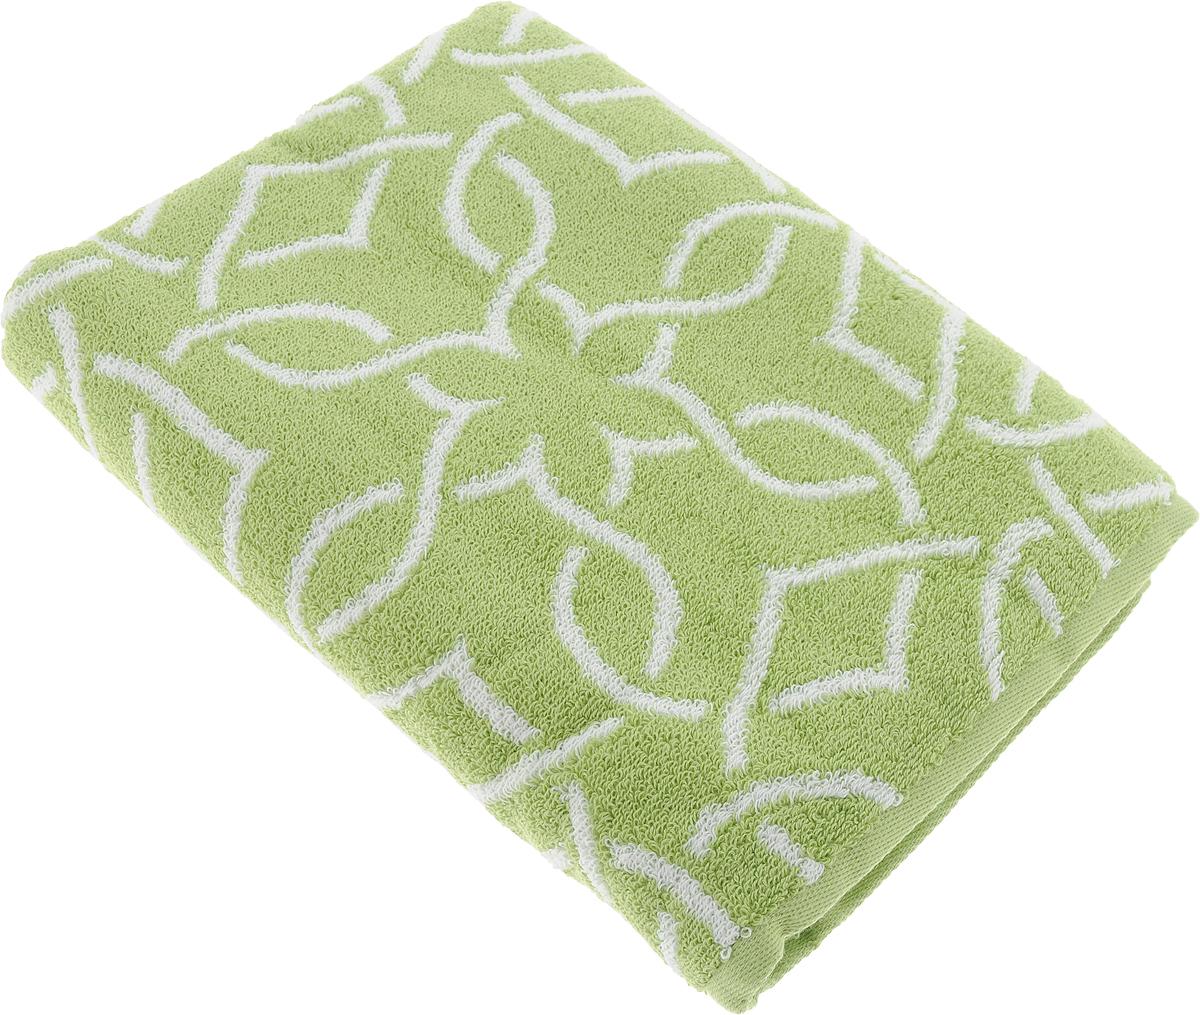 """Банное полотенце Aquarelle """"Стамбул"""" выполнено из махровой ткани. Изделие  отлично впитывает влагу, быстро сохнет, сохраняет яркость цвета и не теряет форму даже после многократных стирок.  Такое полотенце очень  практично и  неприхотливо в уходе."""